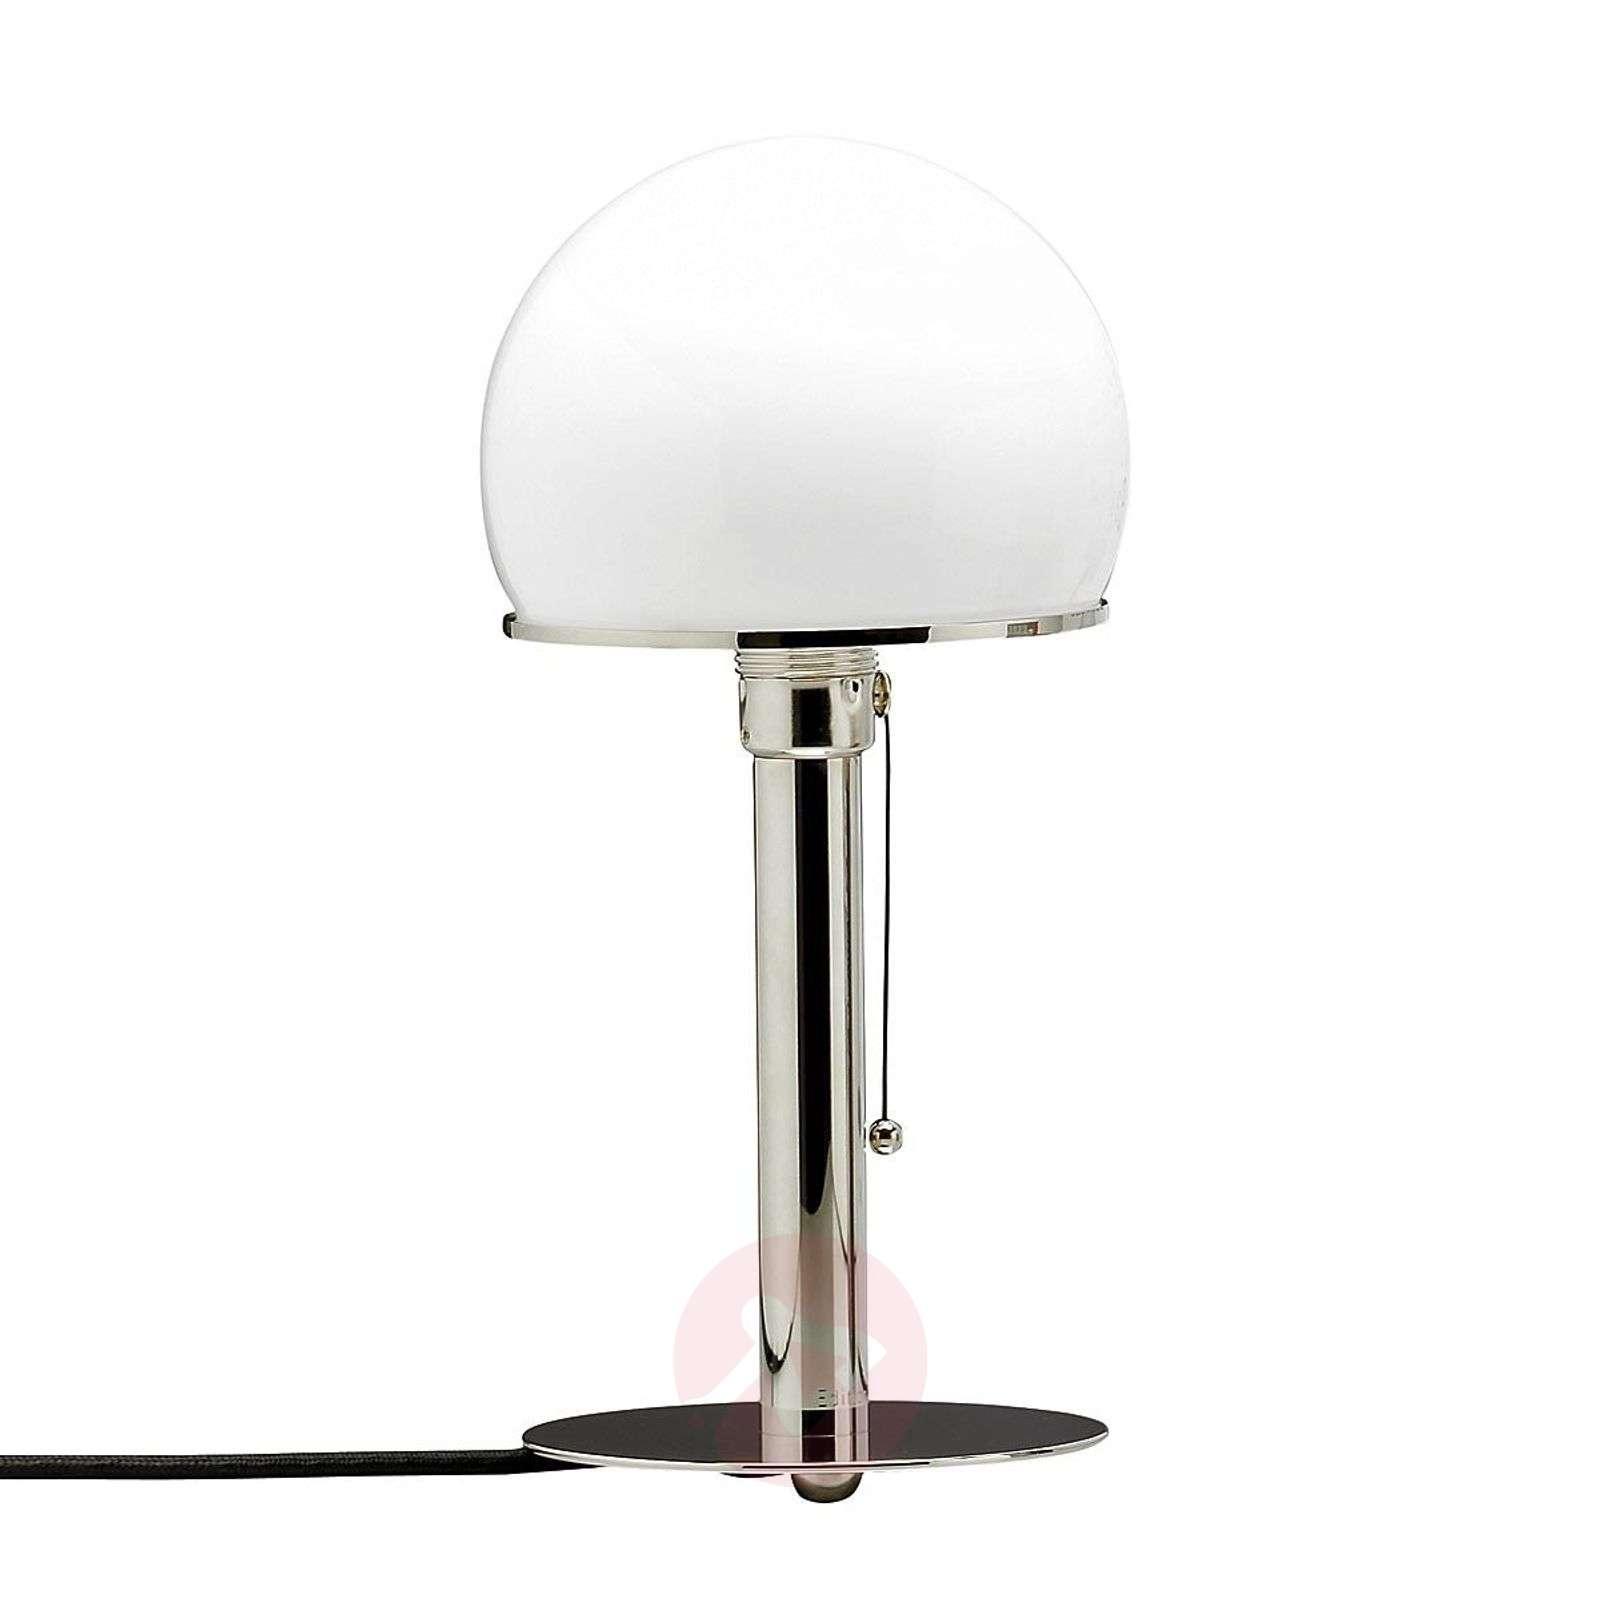 Original Wagenfeld table lamp-9030001-01